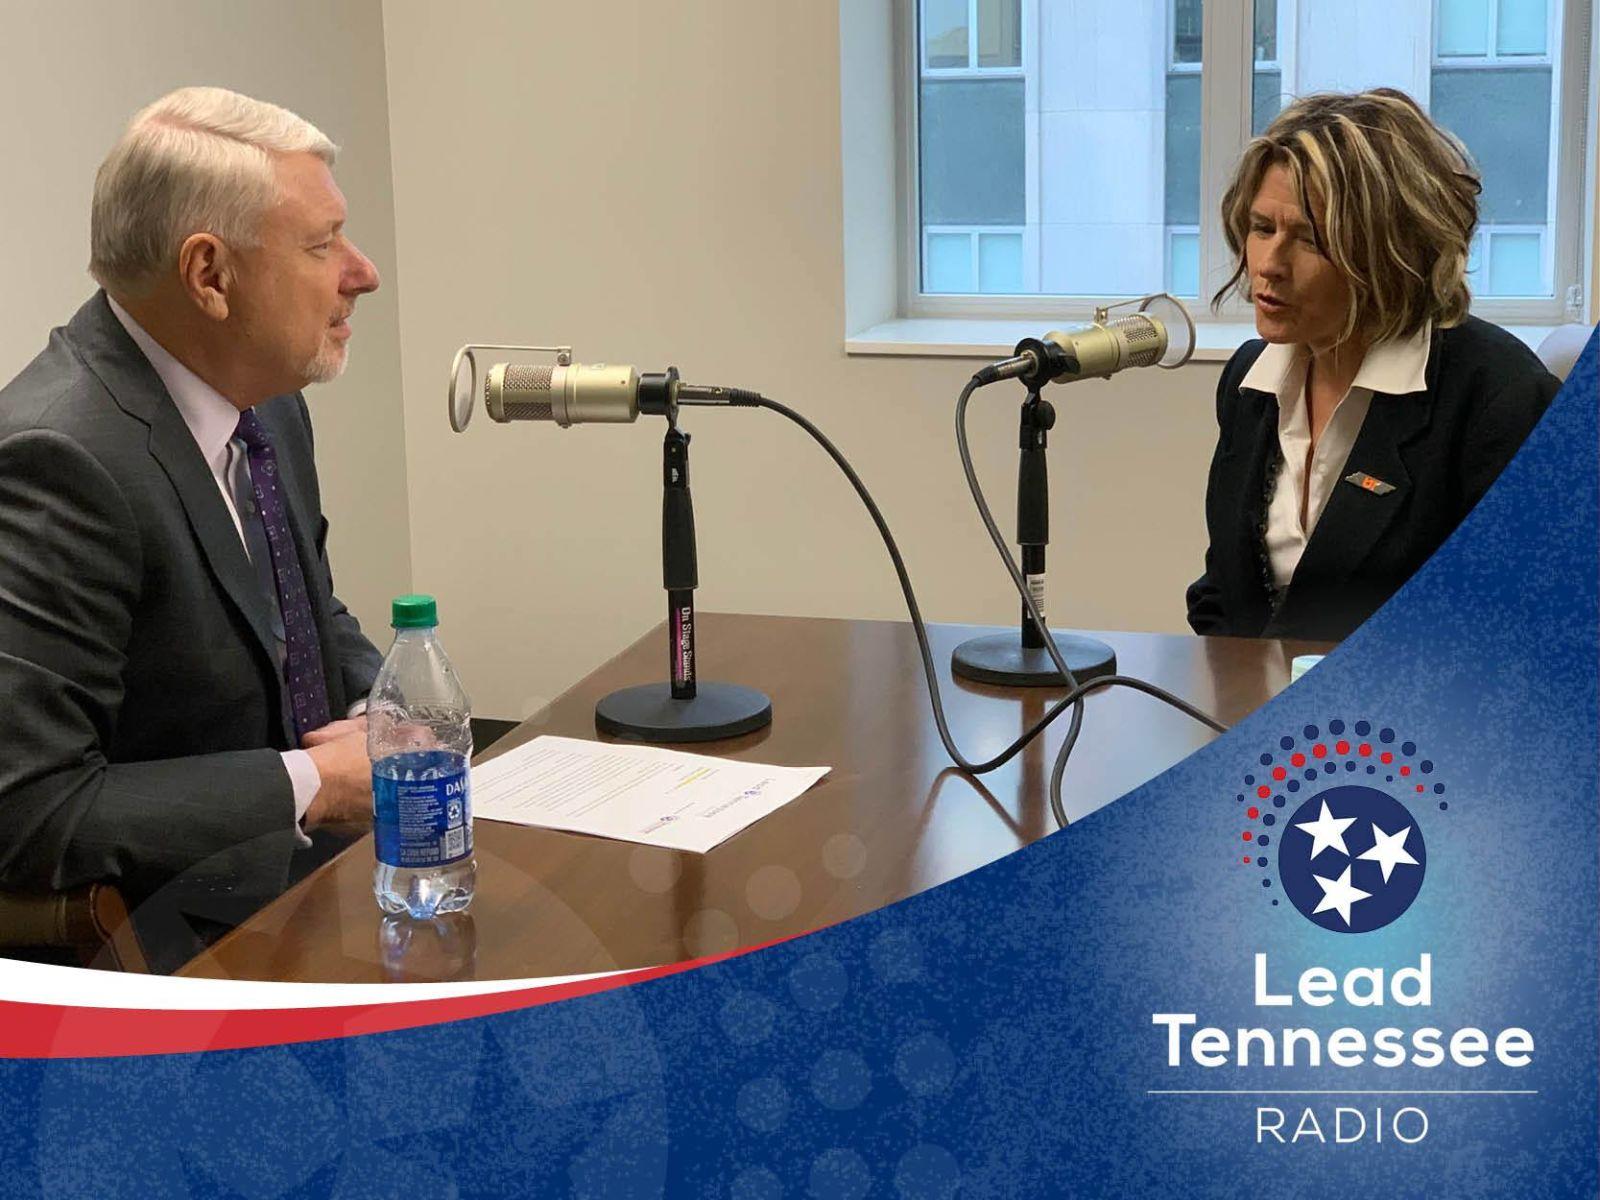 Tennessee State Representative Terri Lynn Weaver recording a podcast